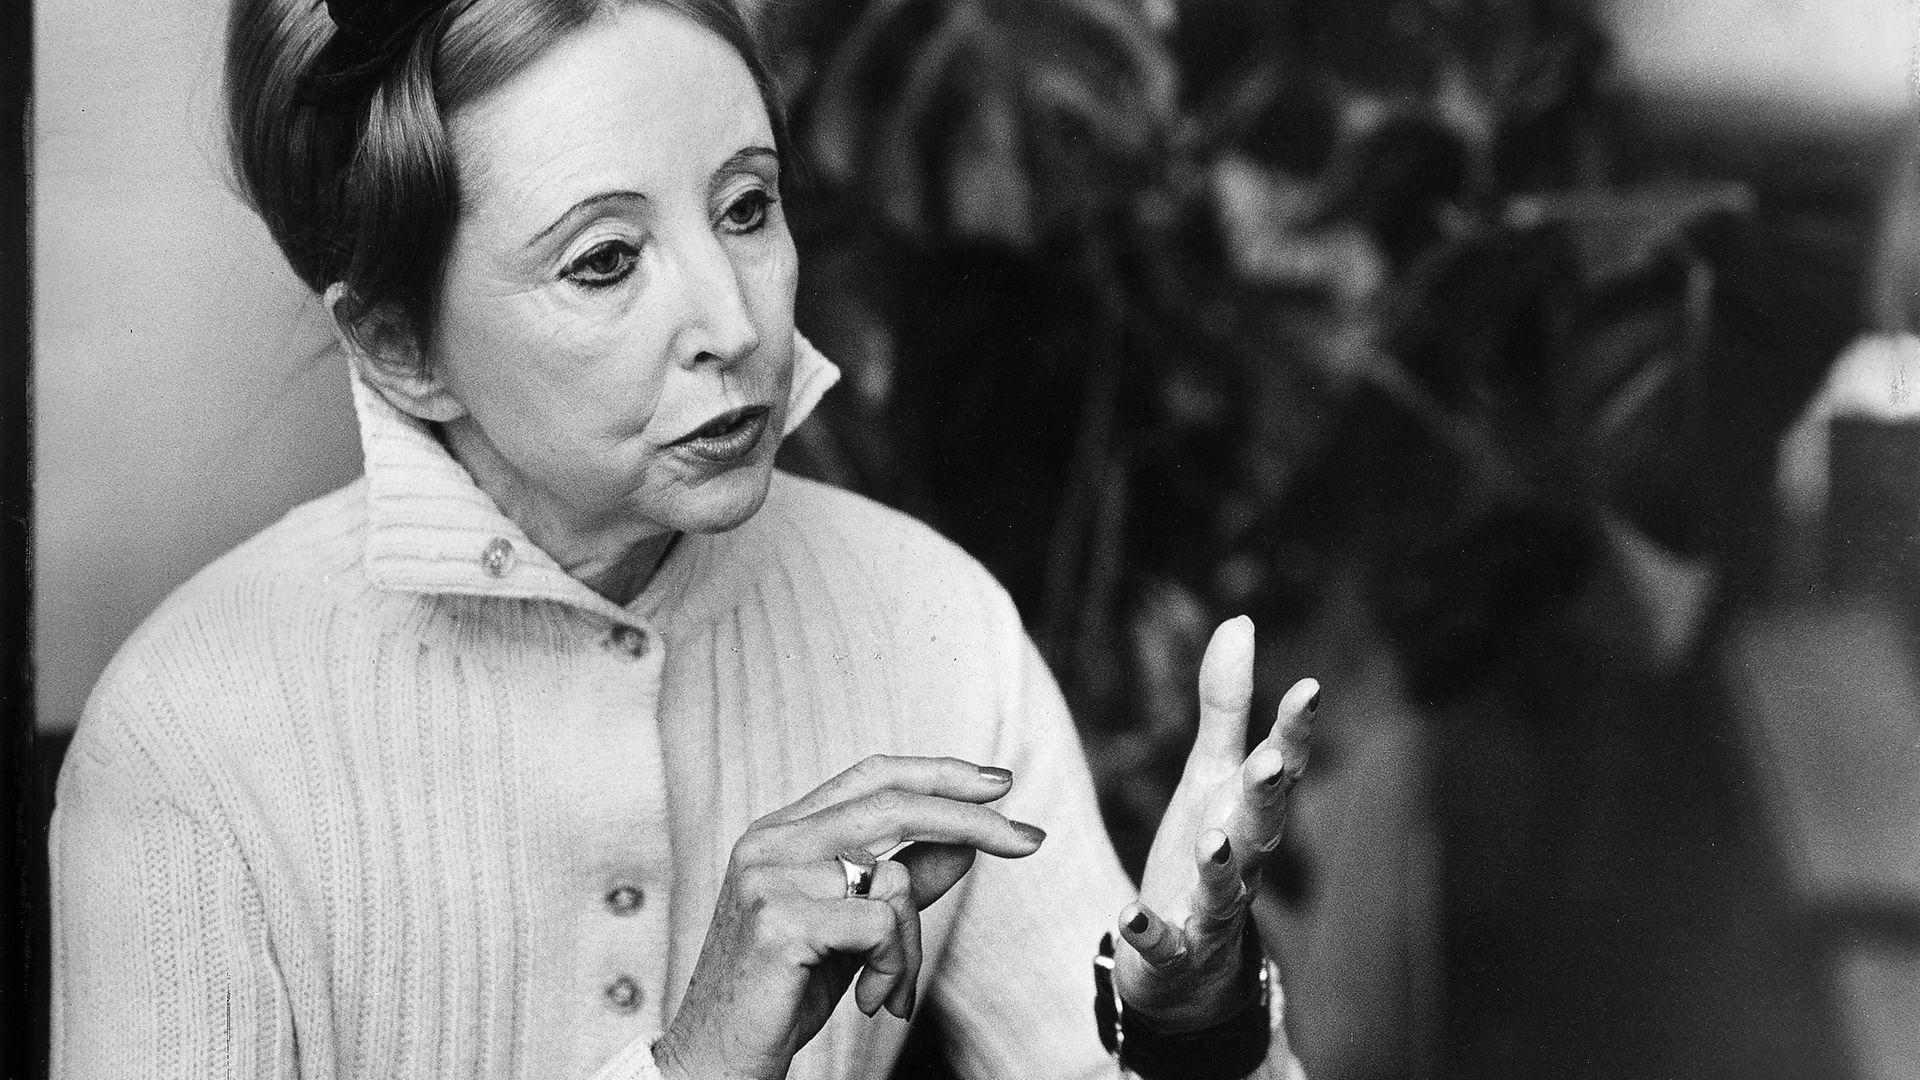 Anaïs Nin in 1969 - Credit: ullstein bild via Getty Images